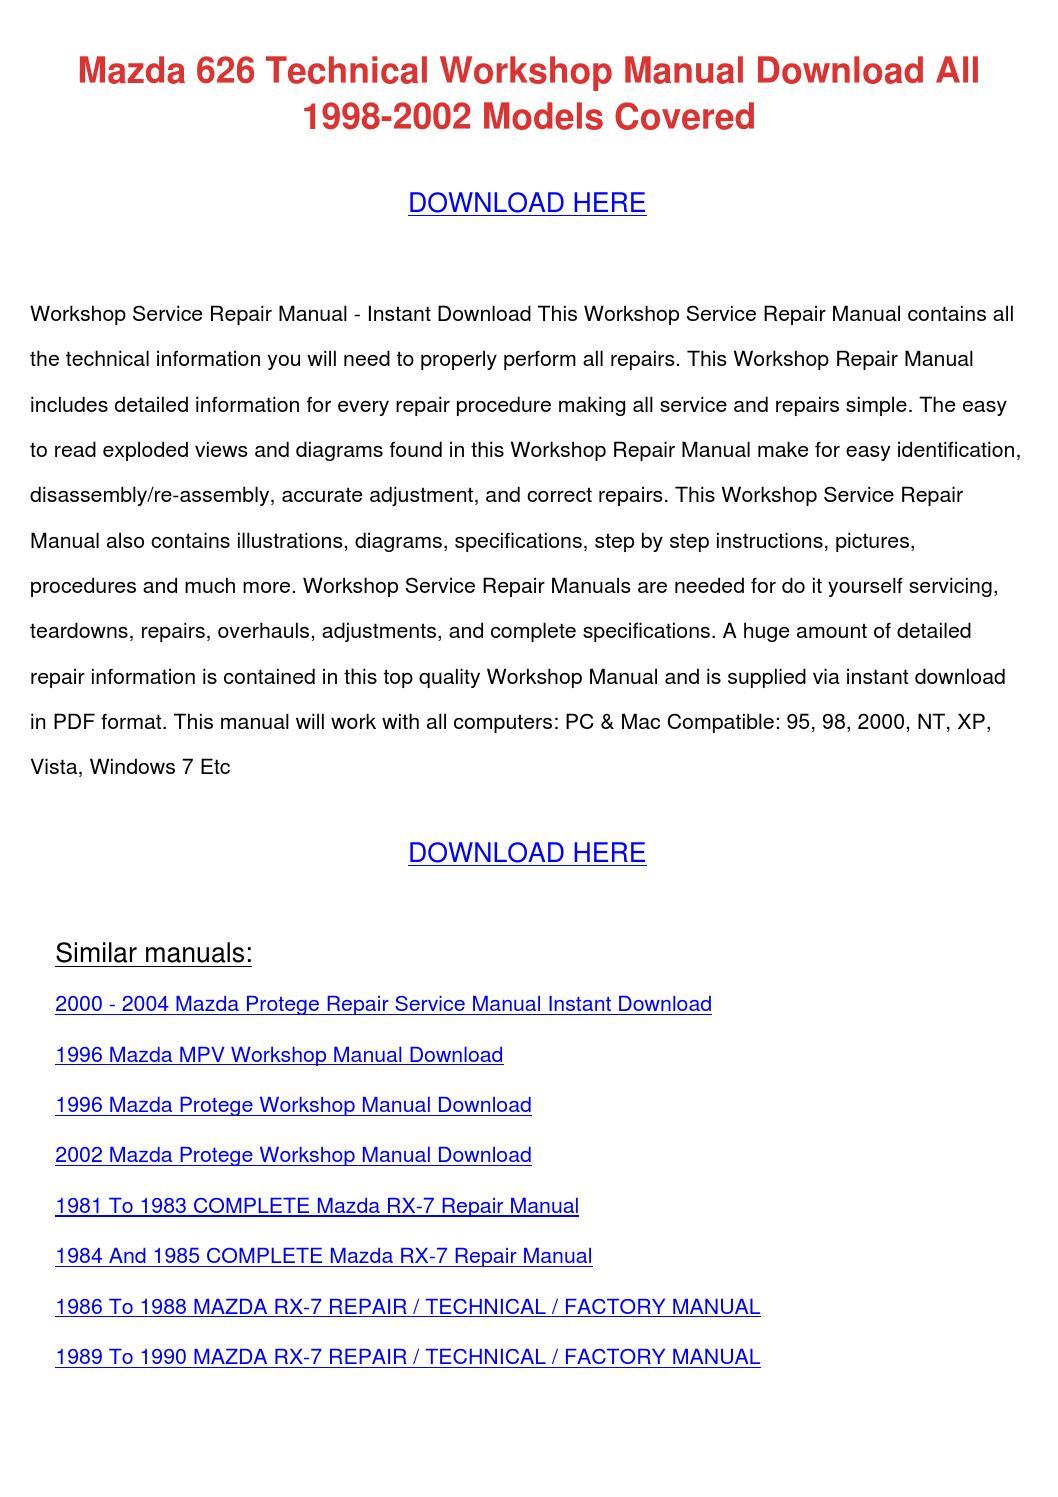 Mazda 323f repair manual pdf